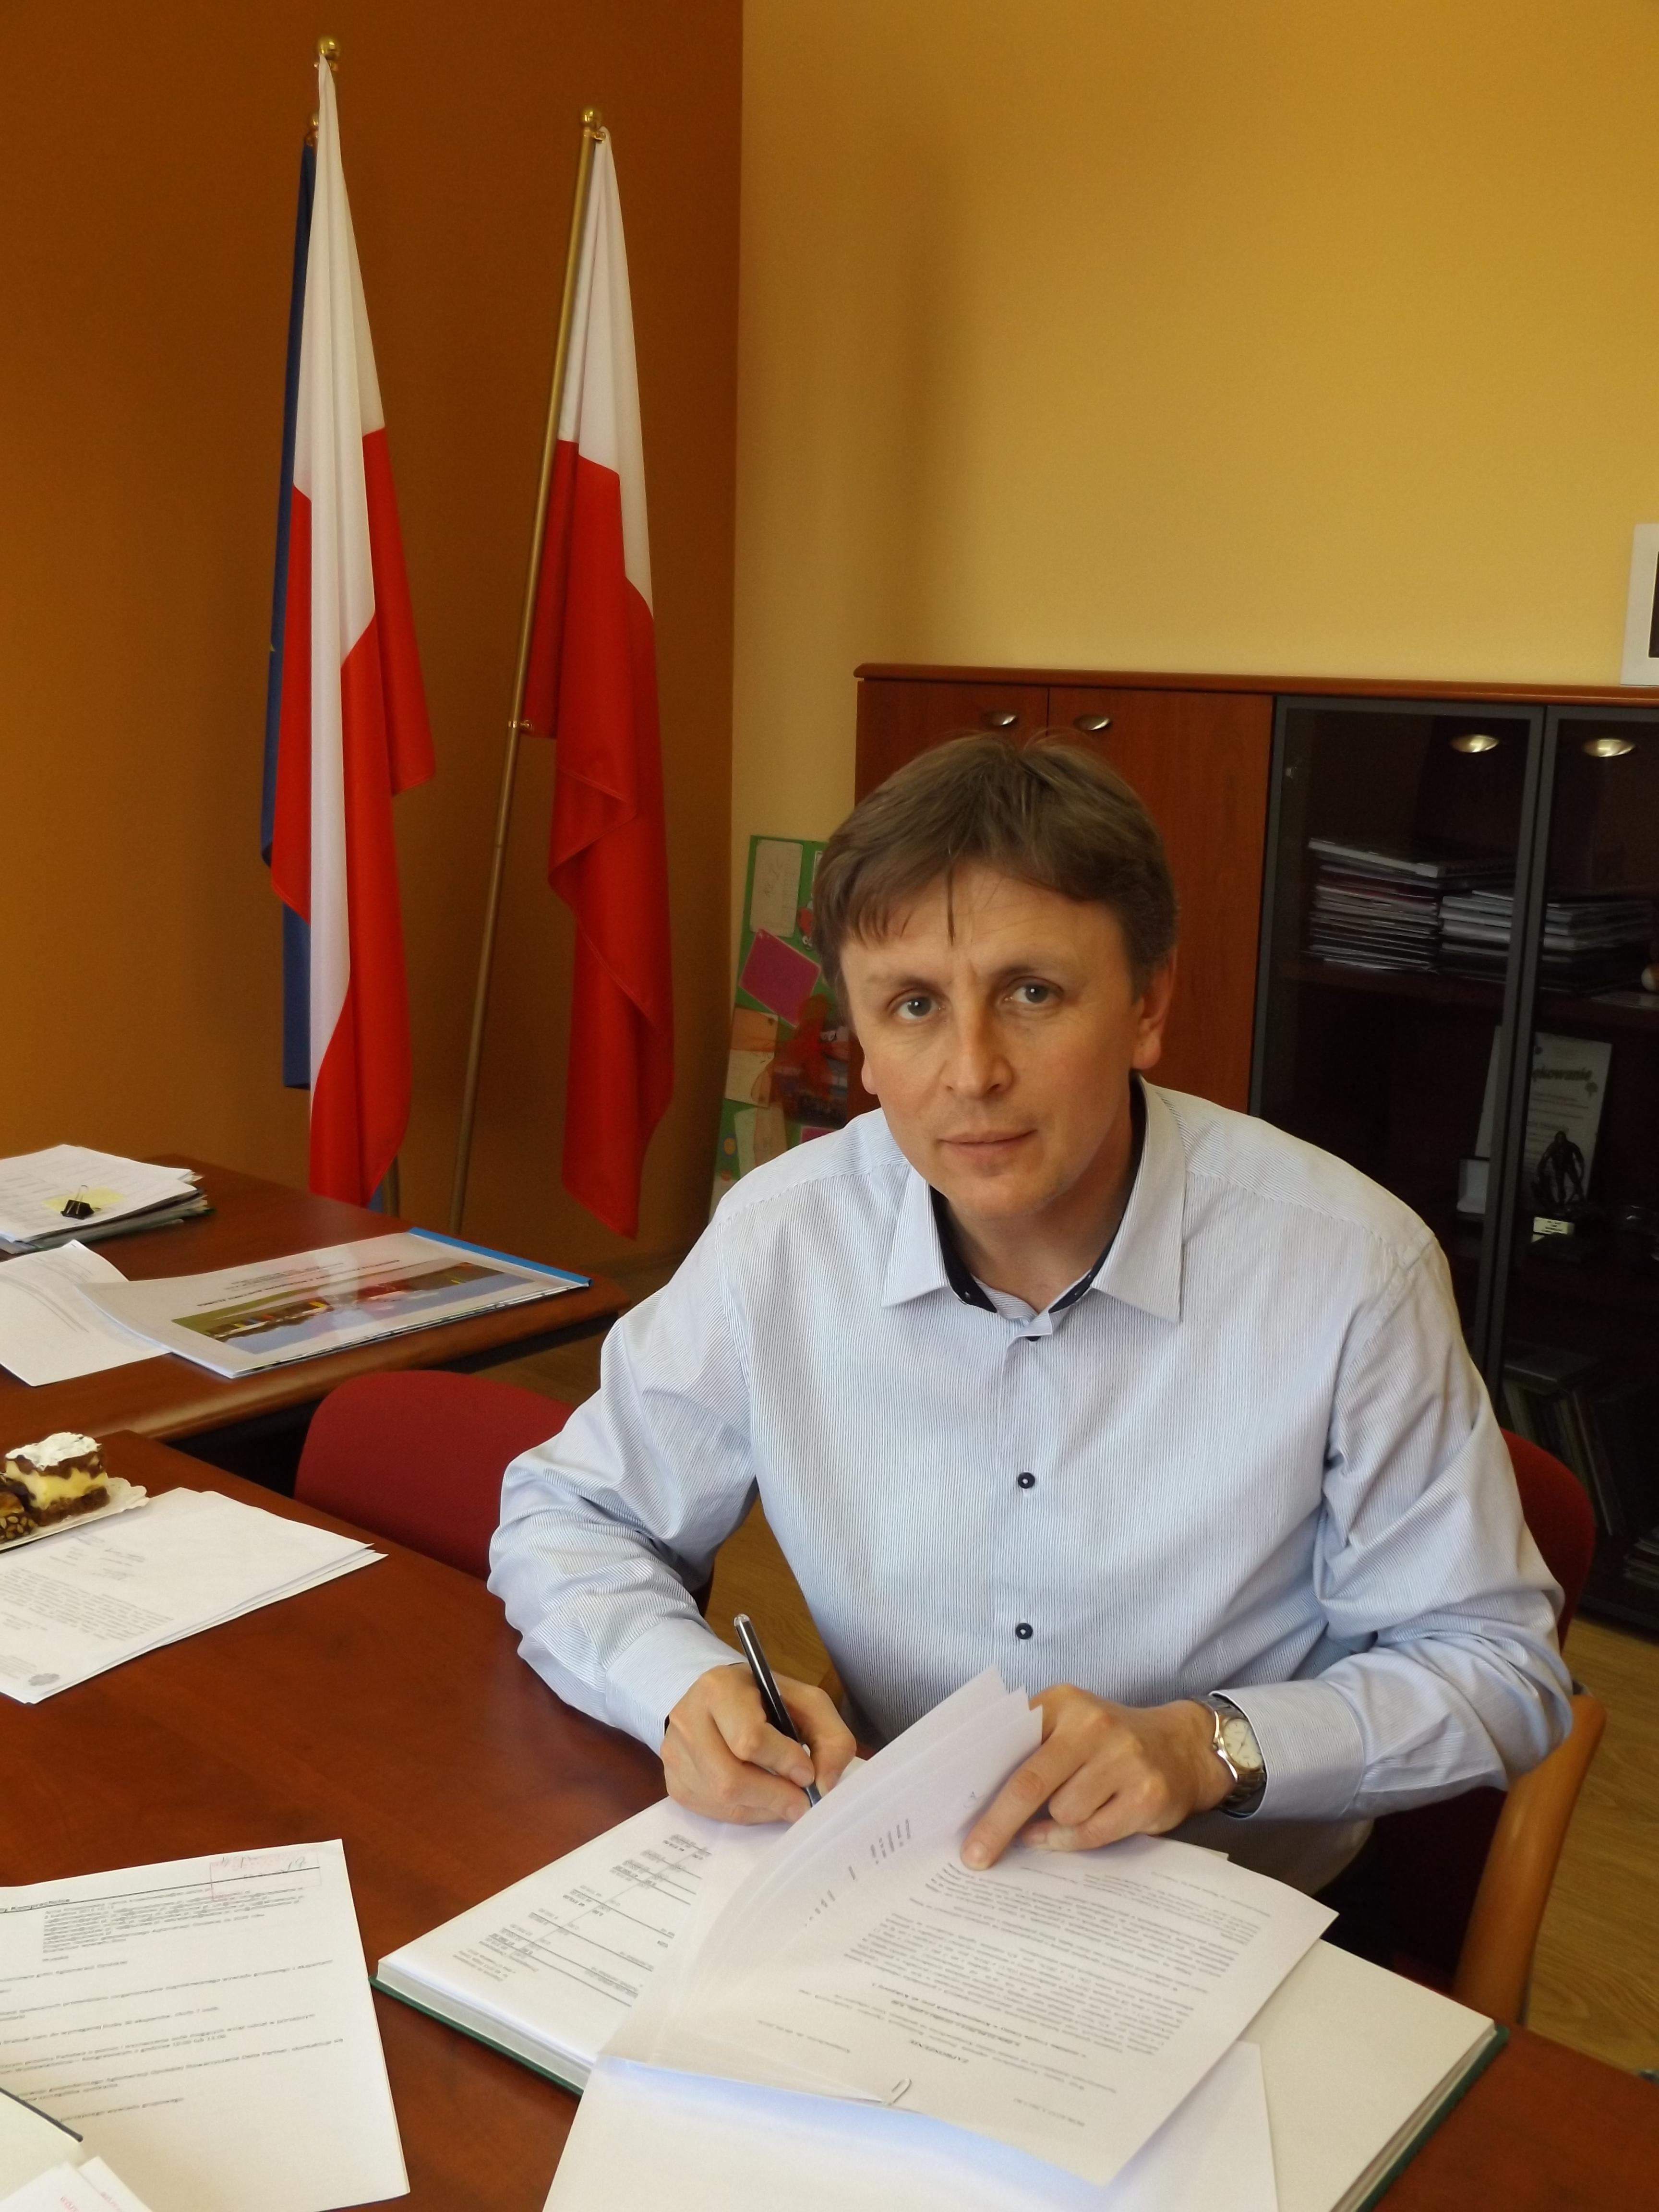 Złożenie podpisu przez Wójta Gminy Komprachcice